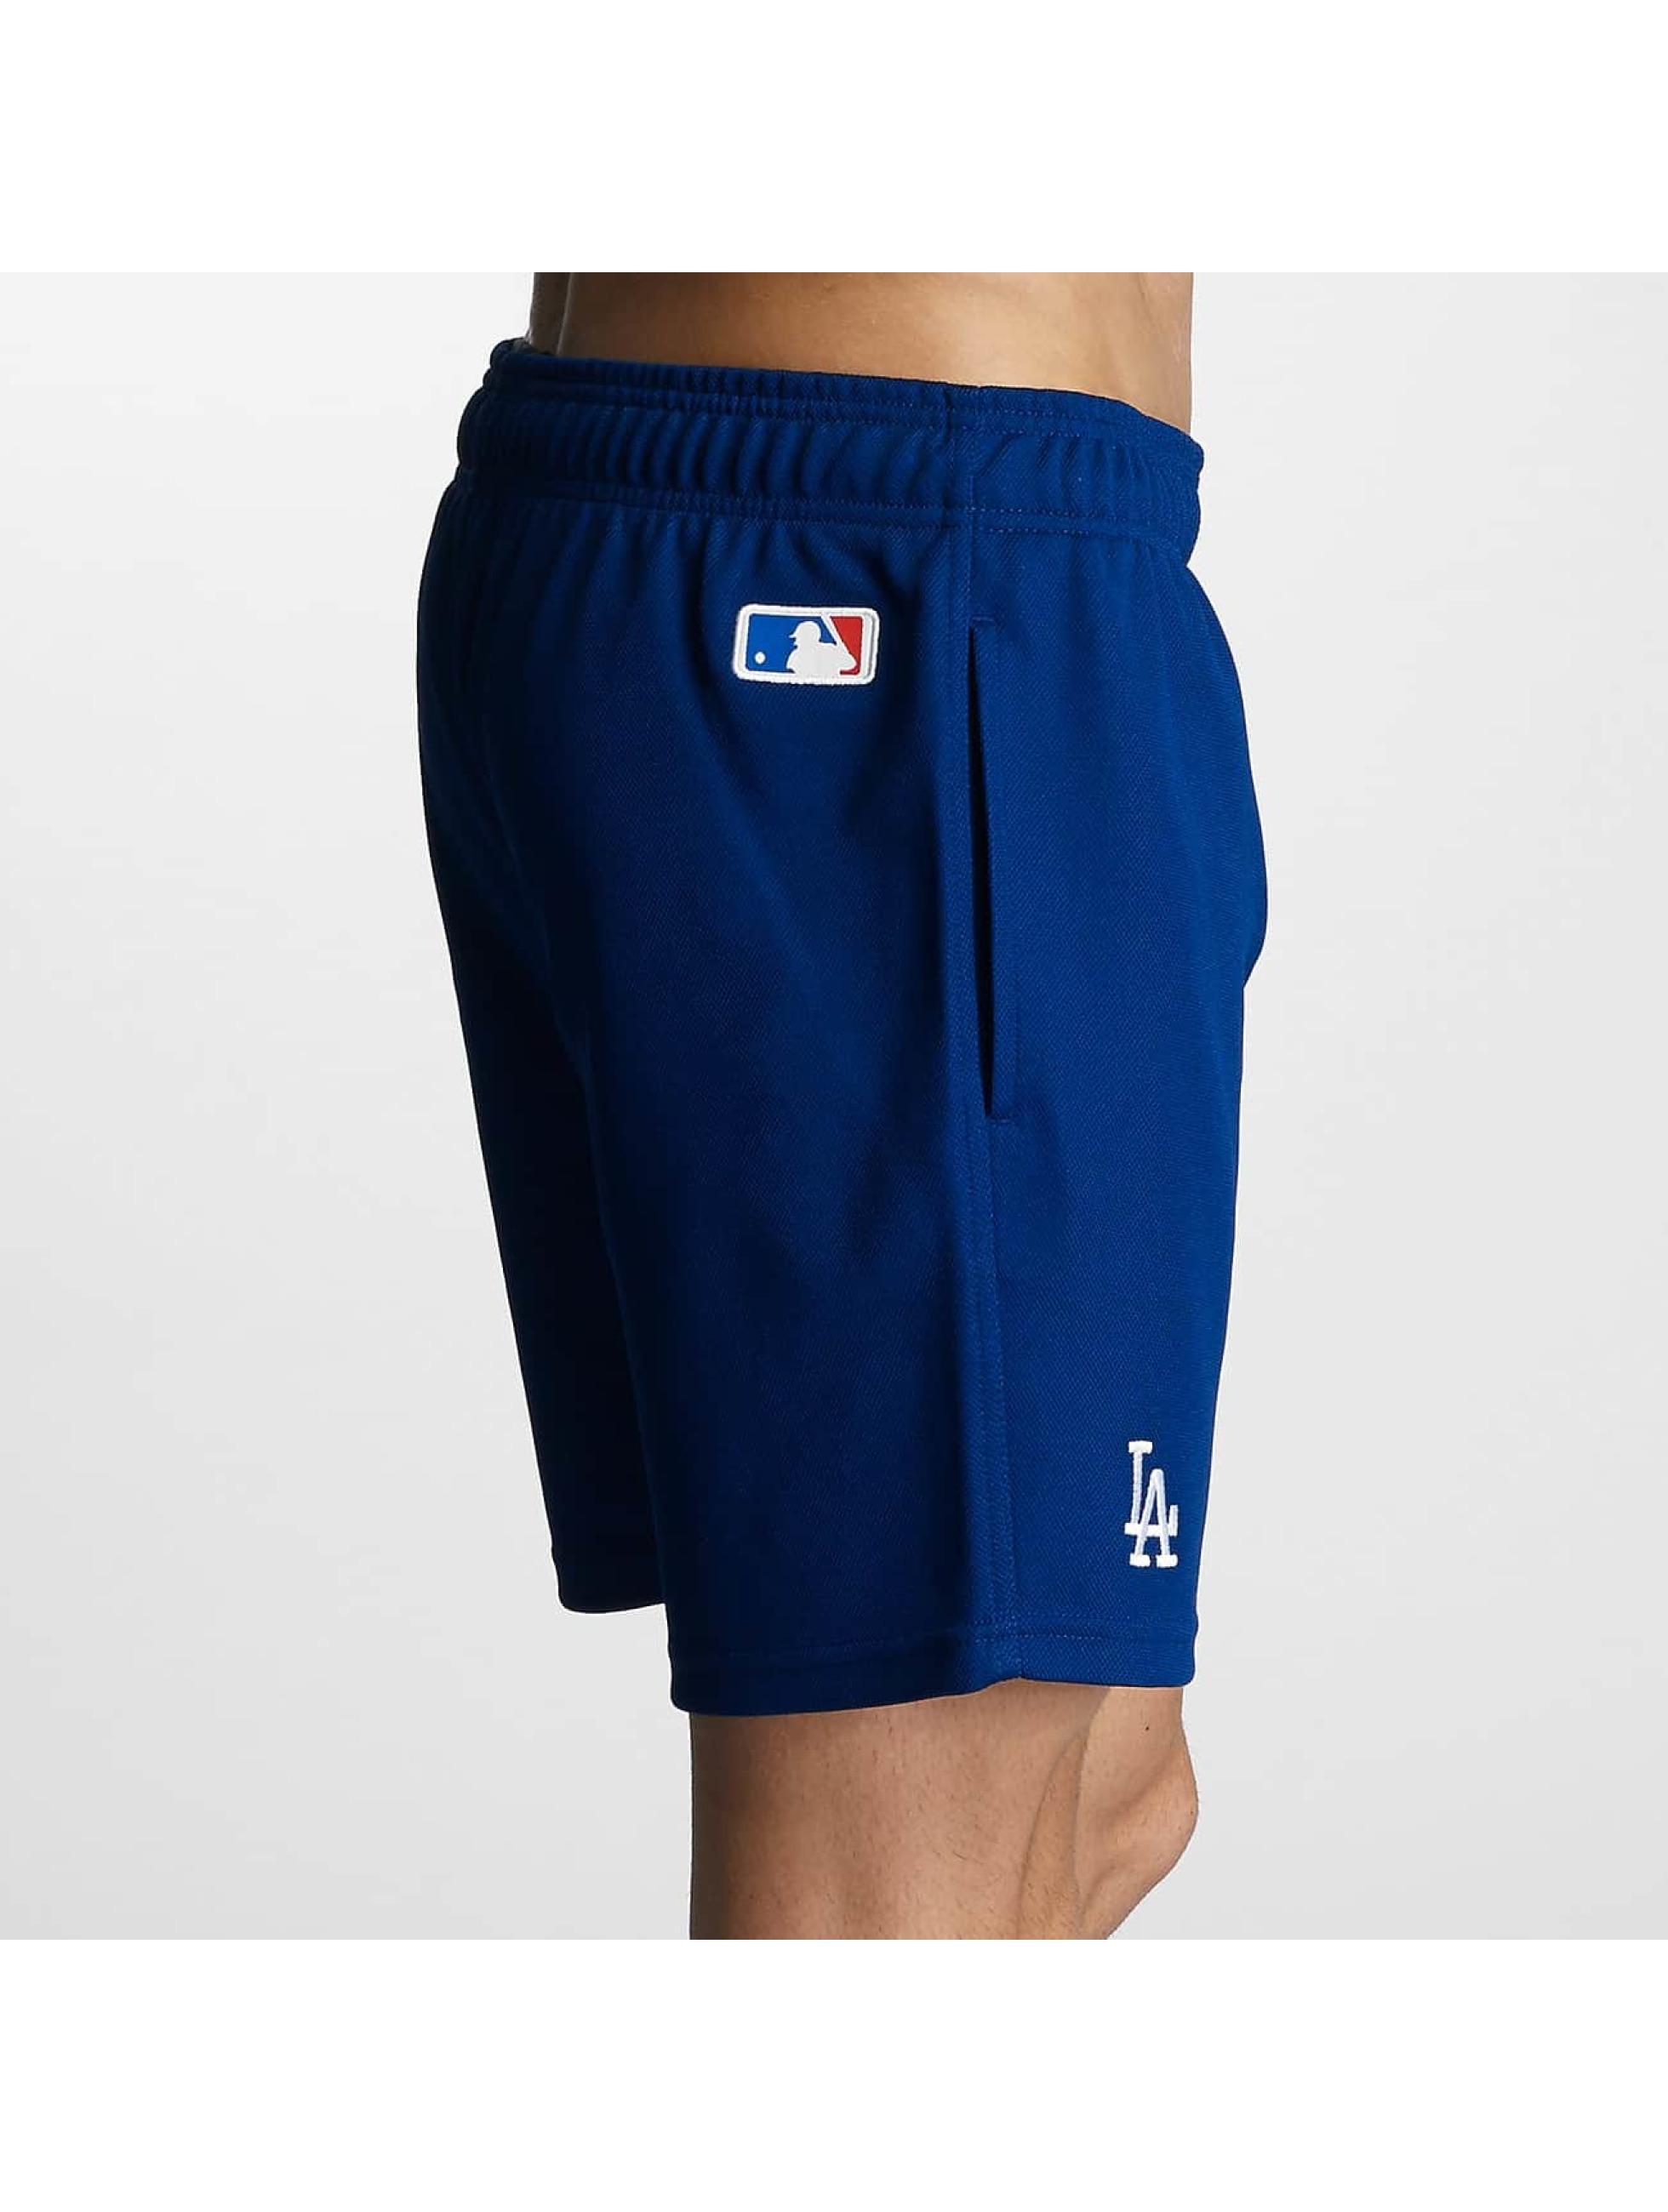 New Era Short Border Edge II LA Dodgers blue